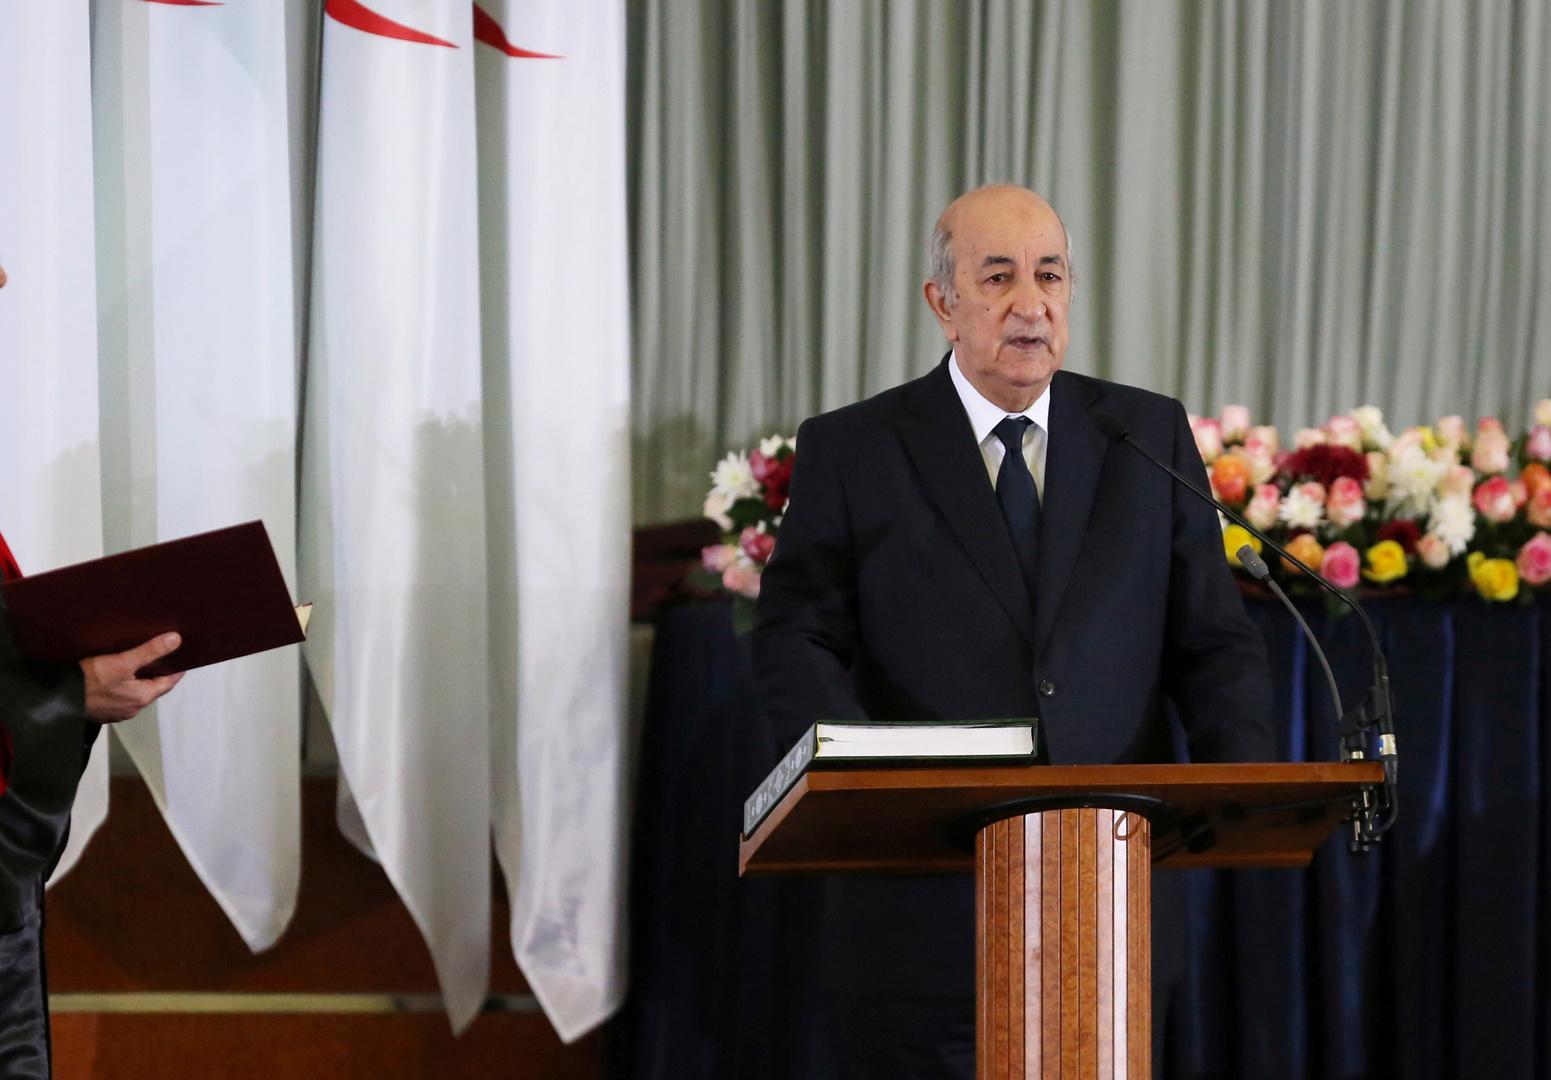 الرئيس الجزائري يتهم وزير الداخلية الفرنسي بـ